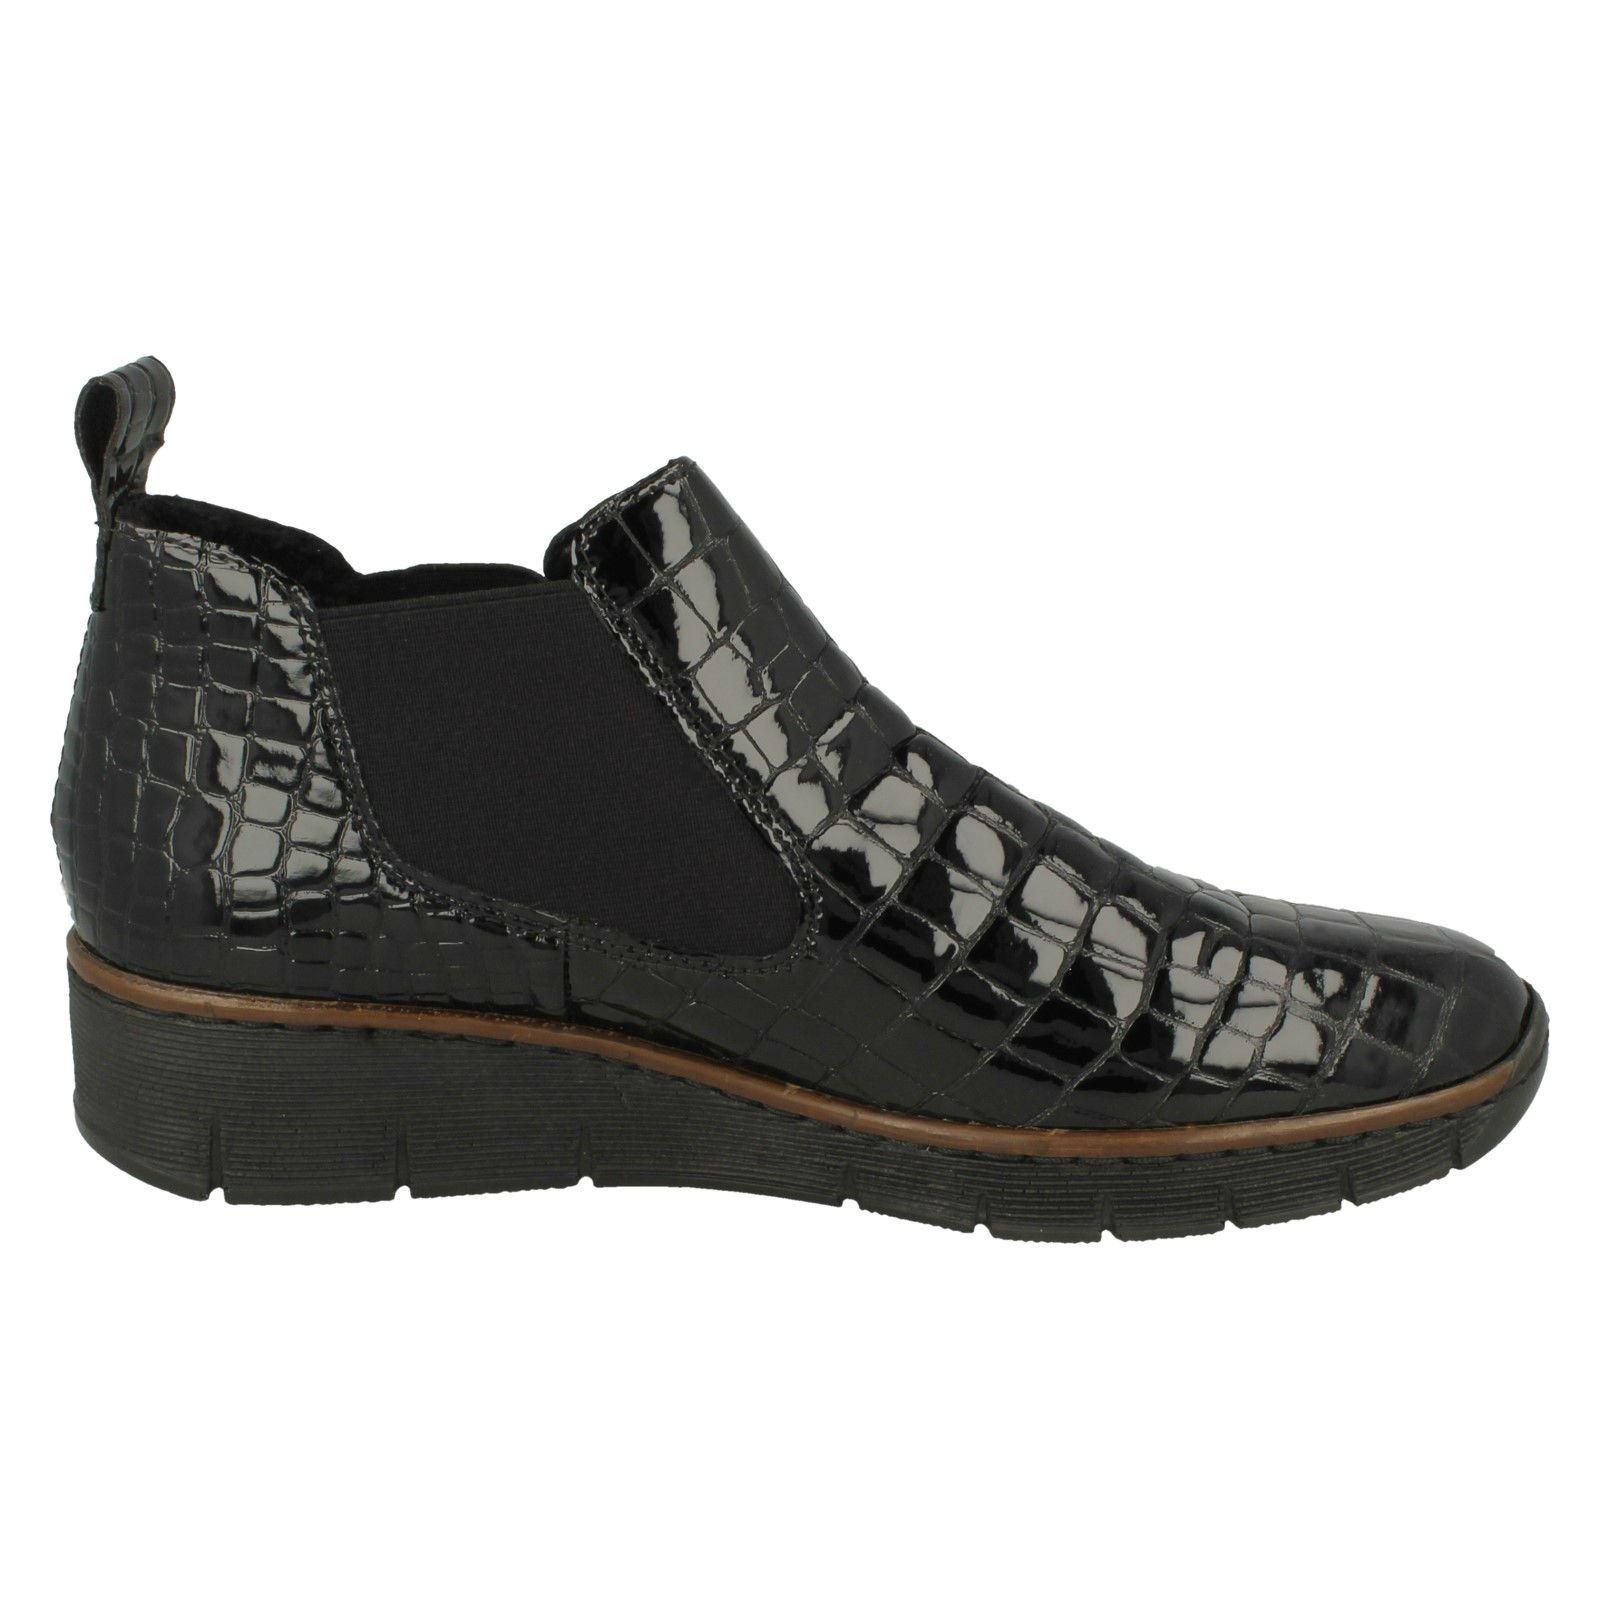 Ladies Rieker Wedge Heel Boots 53794